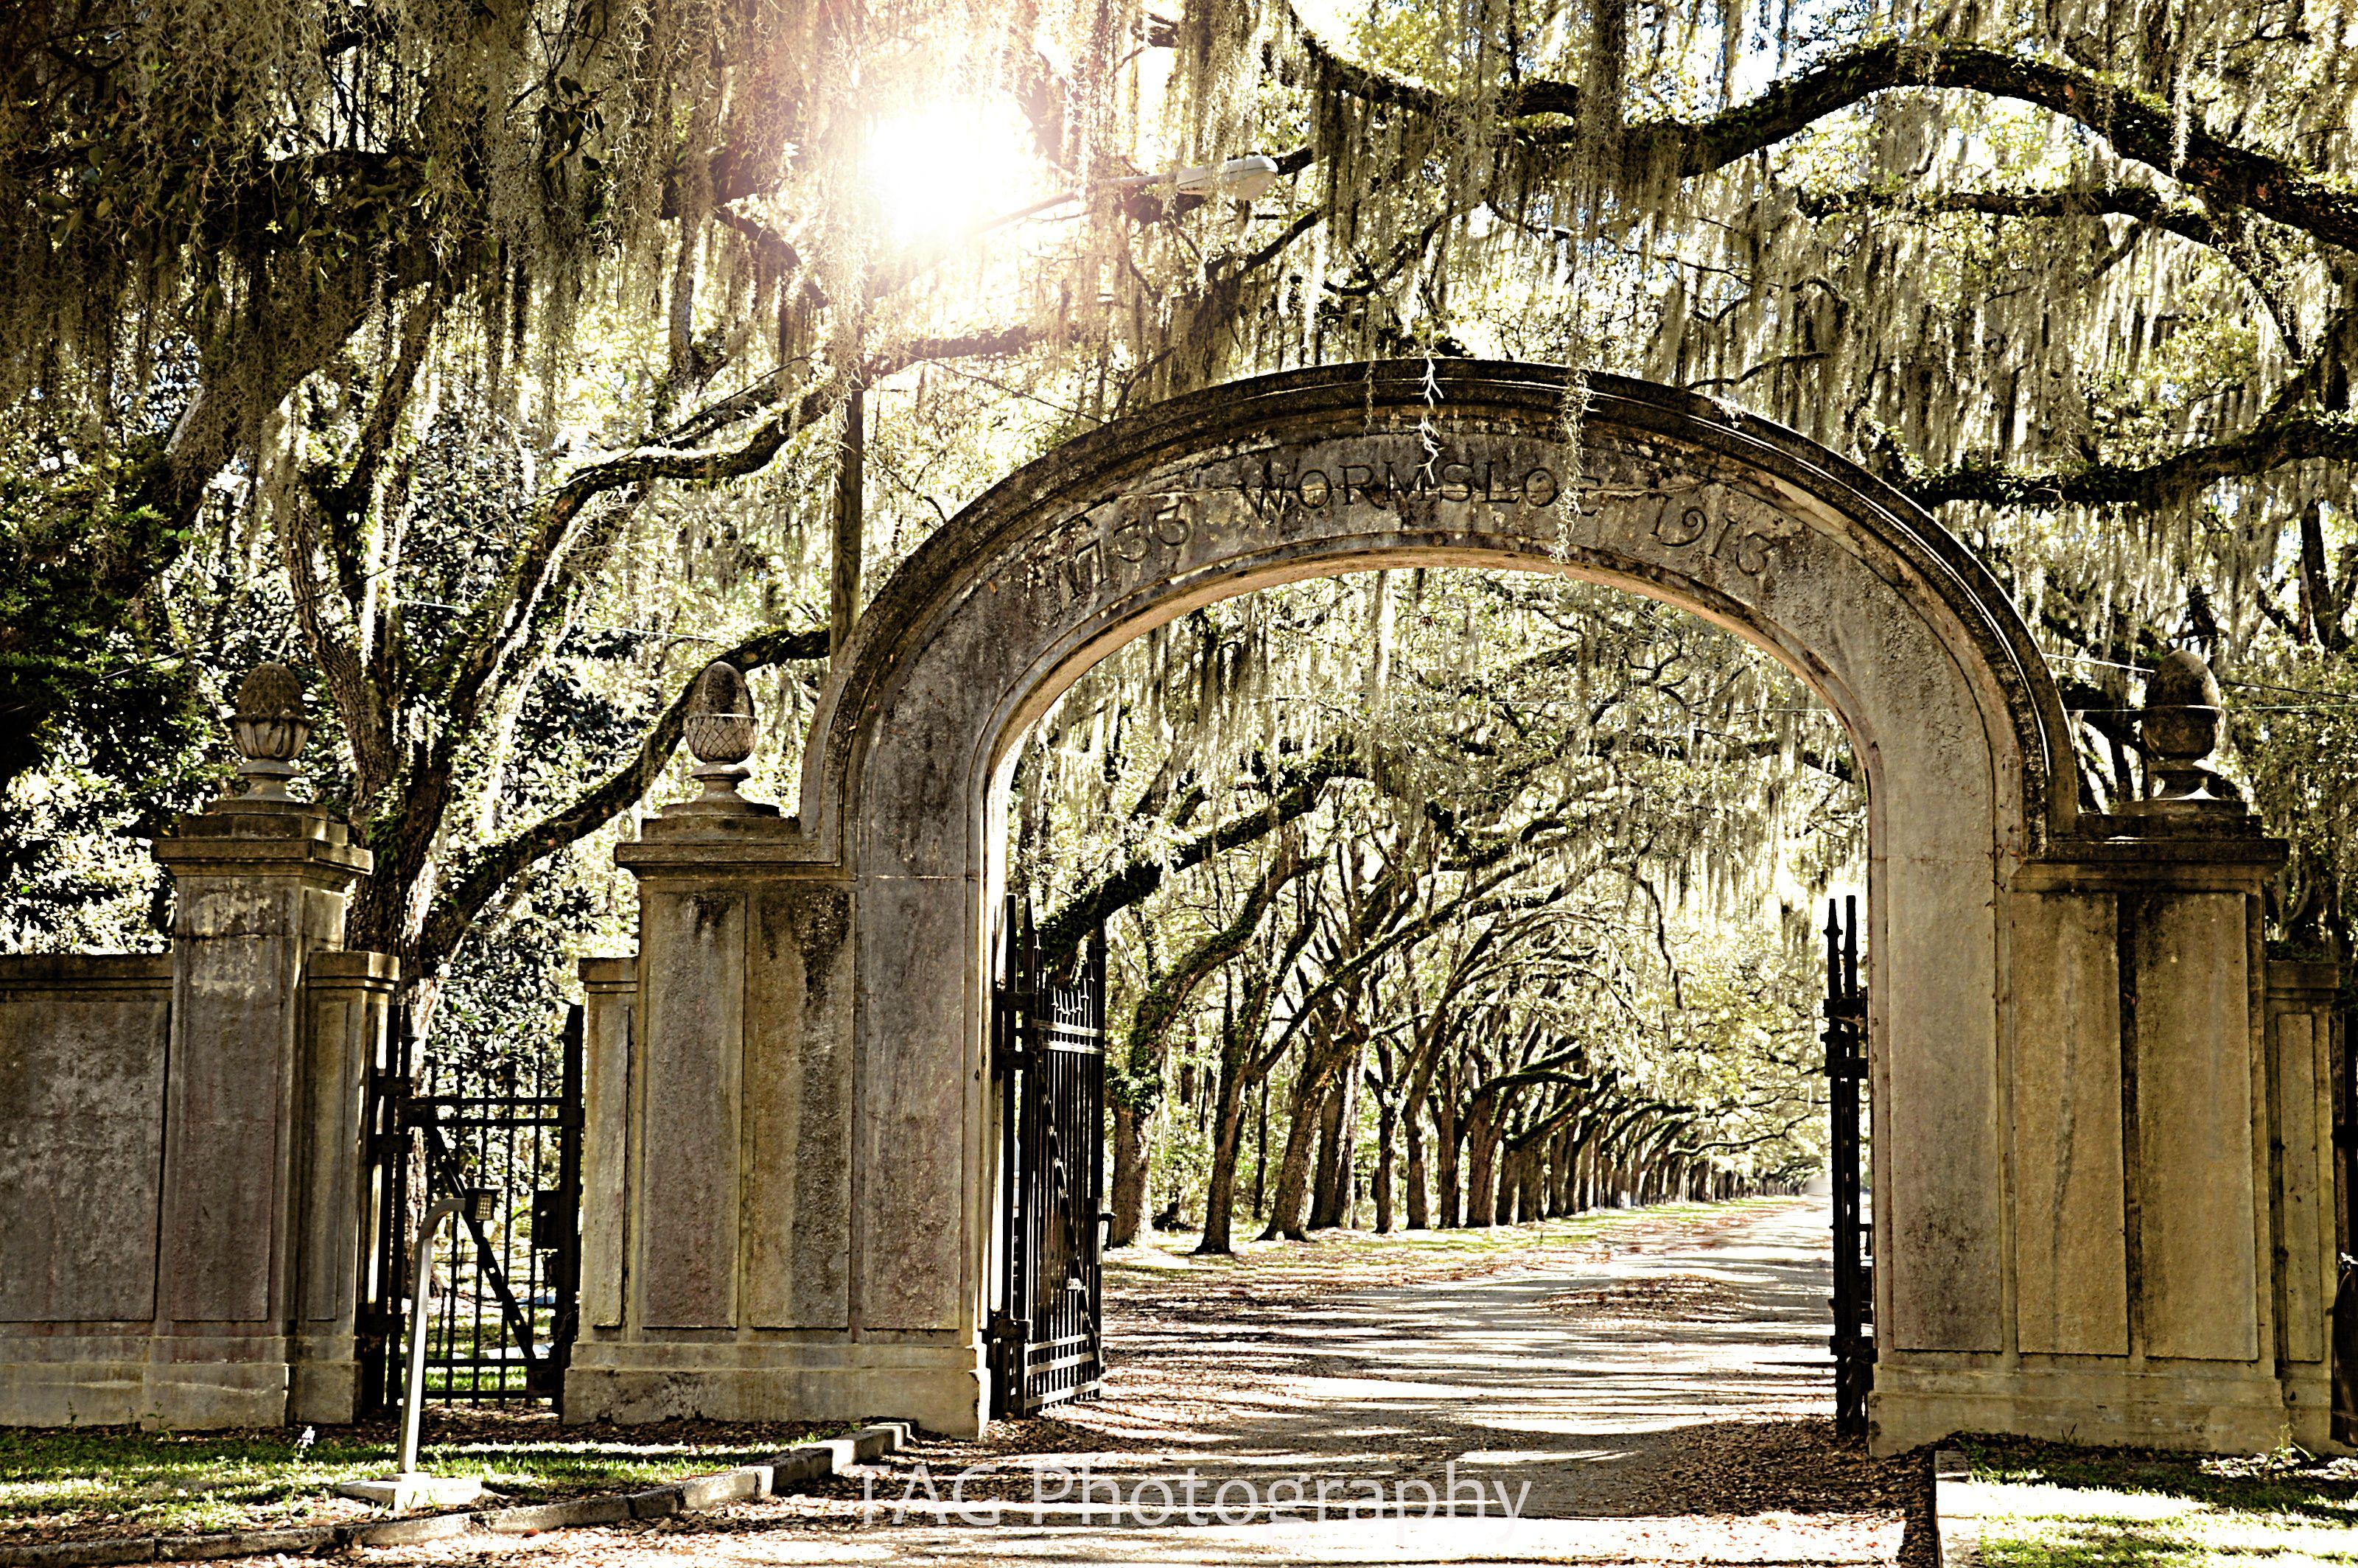 Savannah, GA - Official Website | Official Website